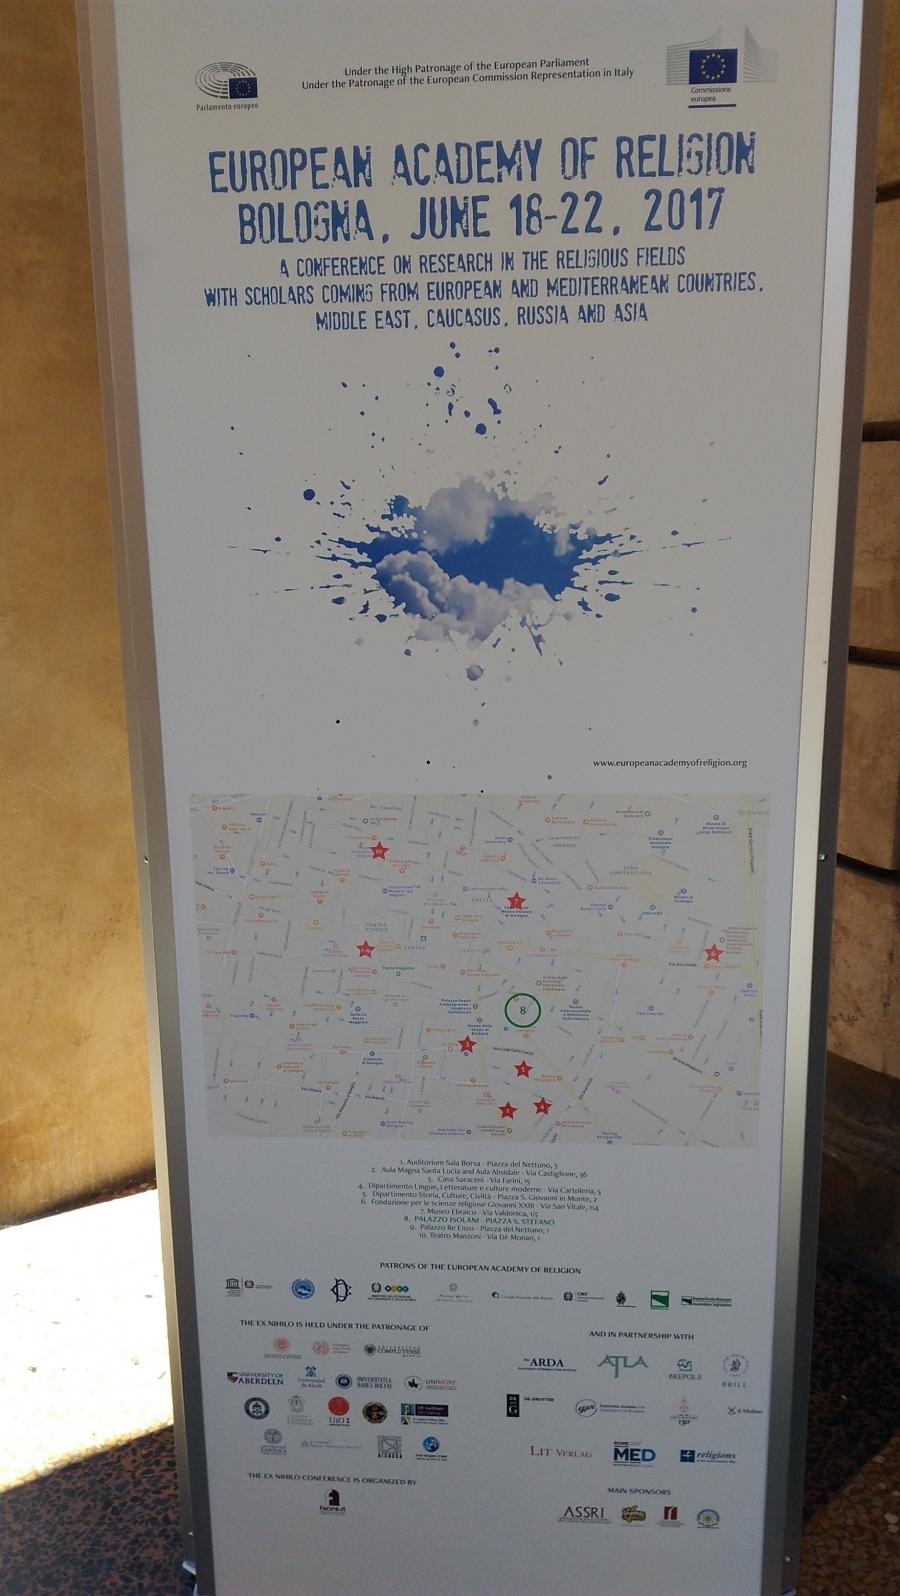 볼로냐 대학-유럽종교학술회의 2.jpg